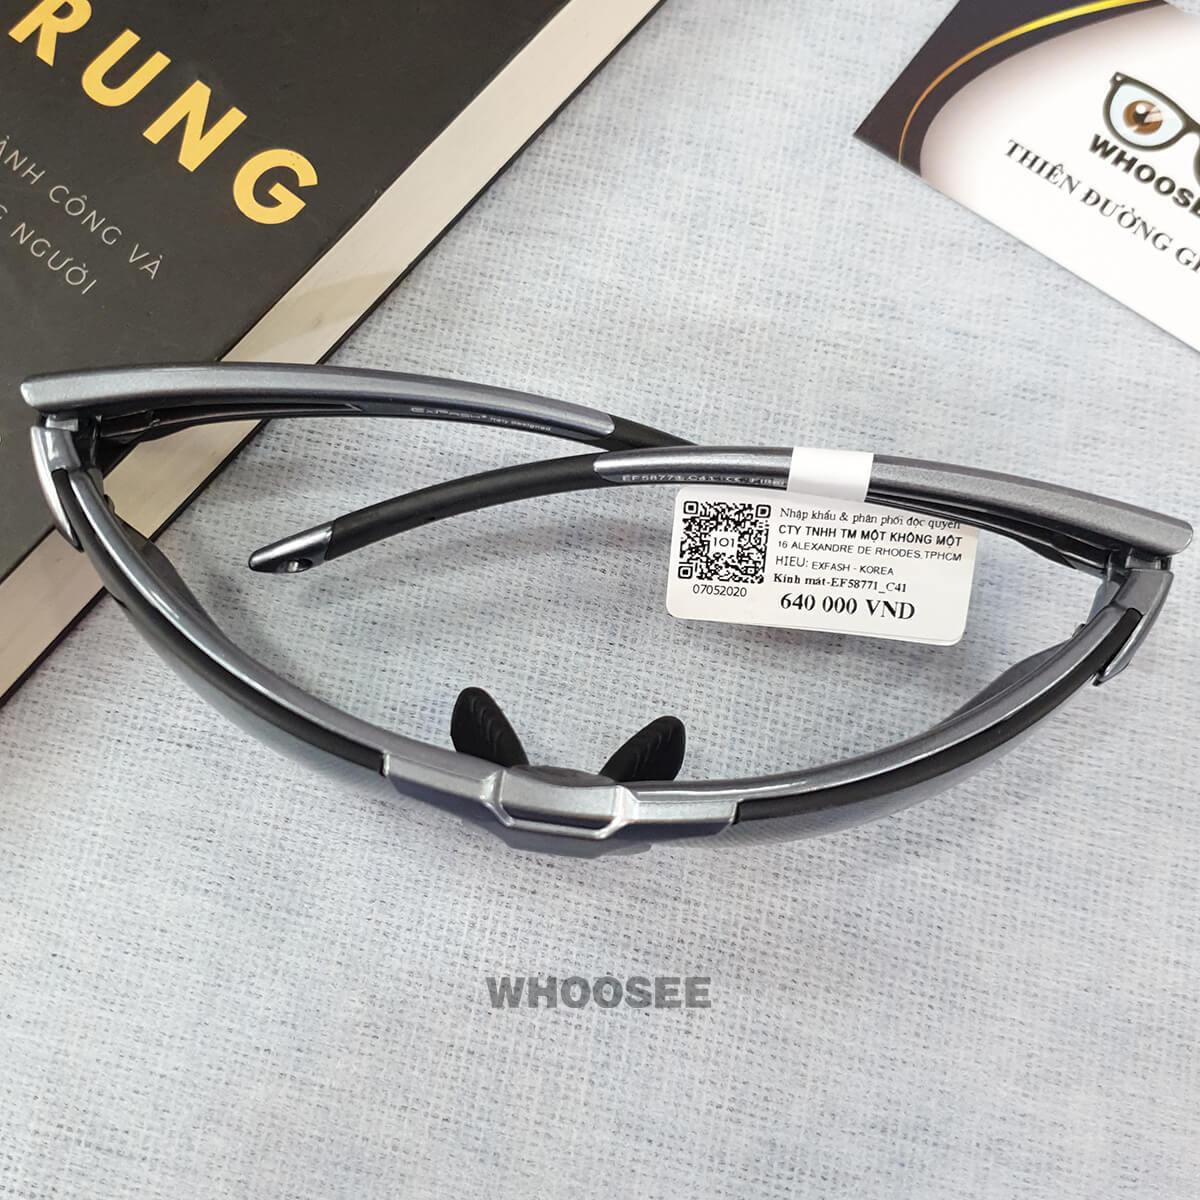 kính mát thể thao bằng nhựa ef58771 c41 exfash